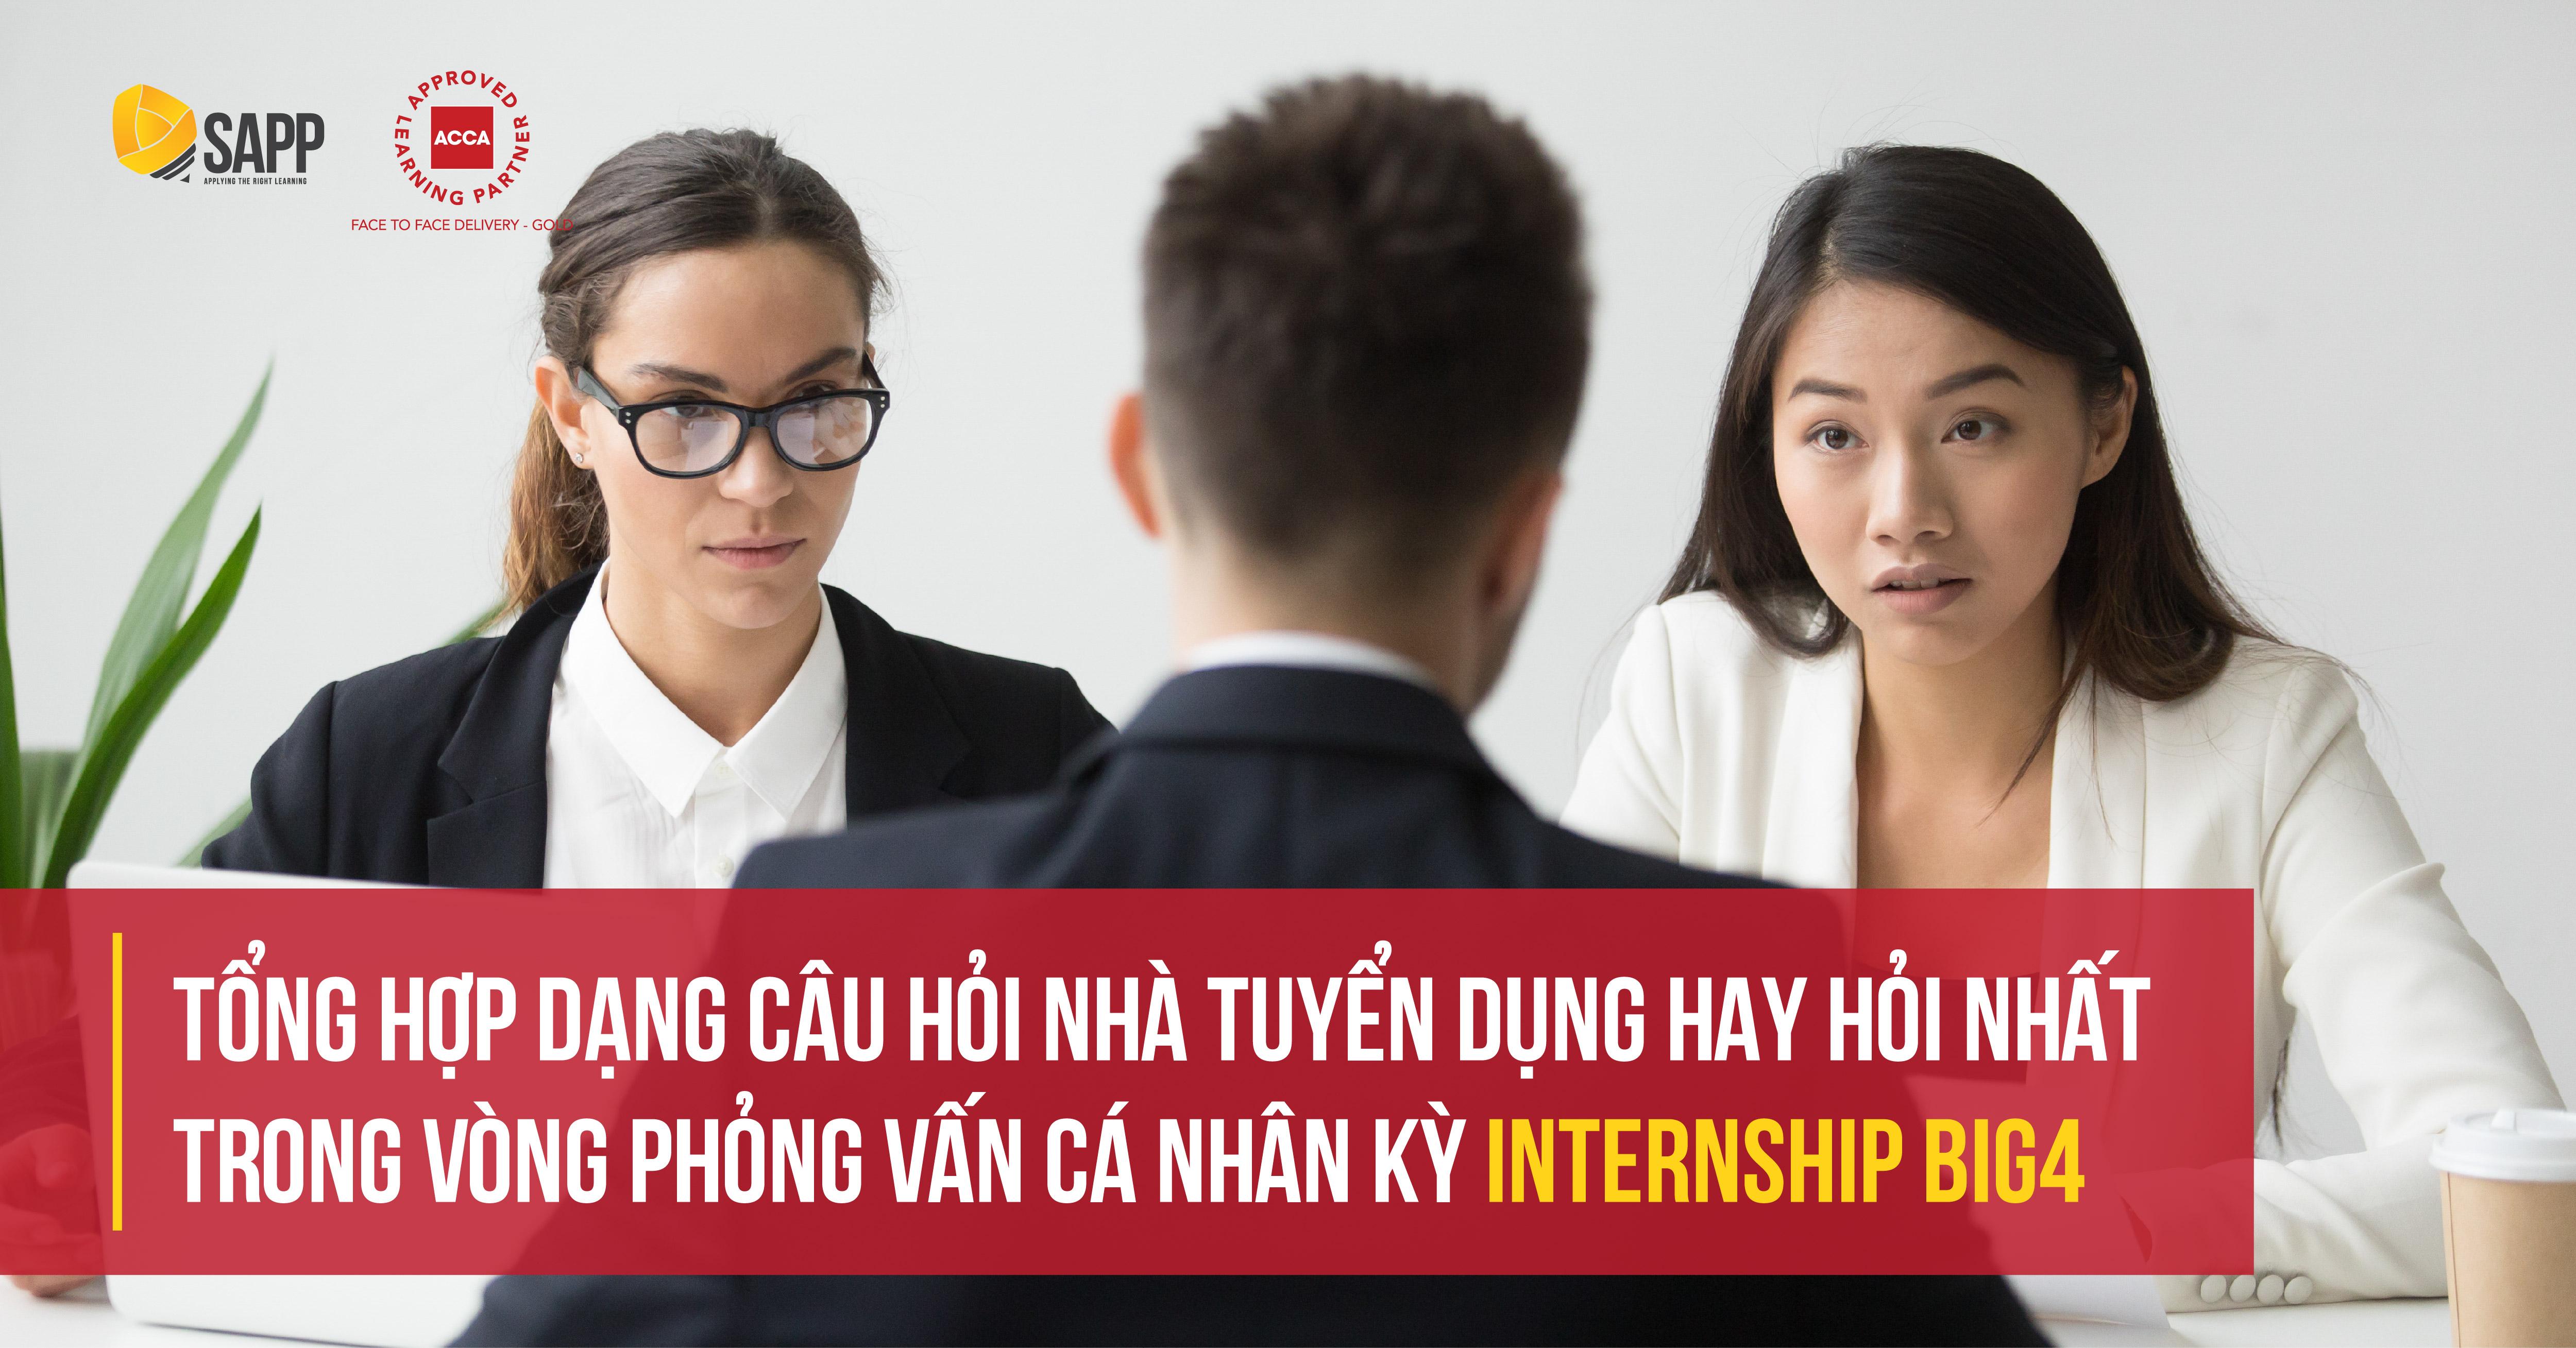 Tổng hợp dạng câu hỏi nhà tuyển dụng hay hỏi nhất trong vòng phỏng vấn cá nhân kỳ Internship BIG4